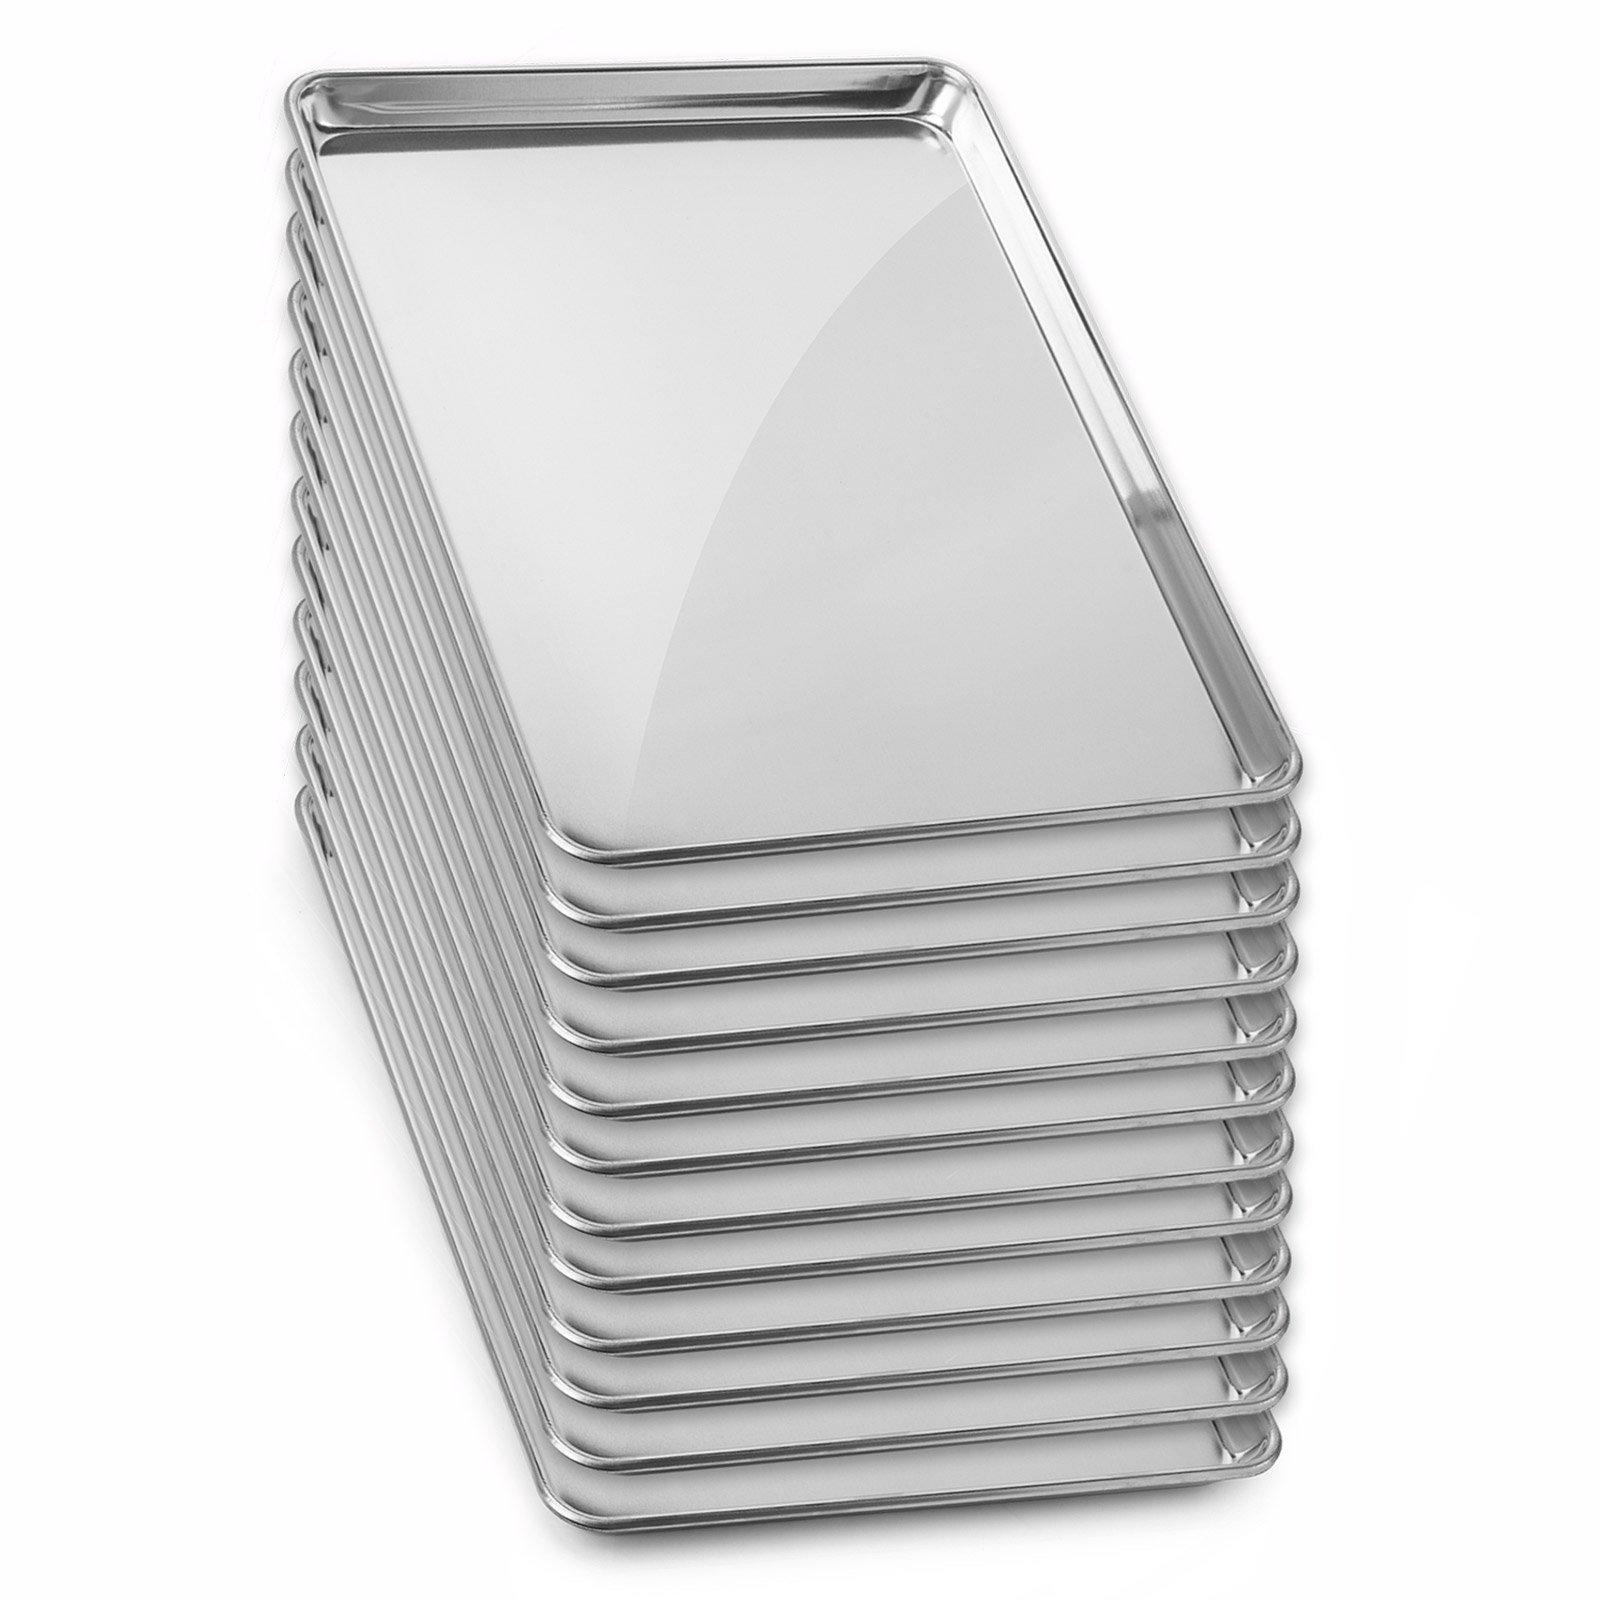 Gridmann 18 x 26 Commercial Grade Aluminium Cookie Sheet Baking Tray Pan Full Sheet - 12 Pans